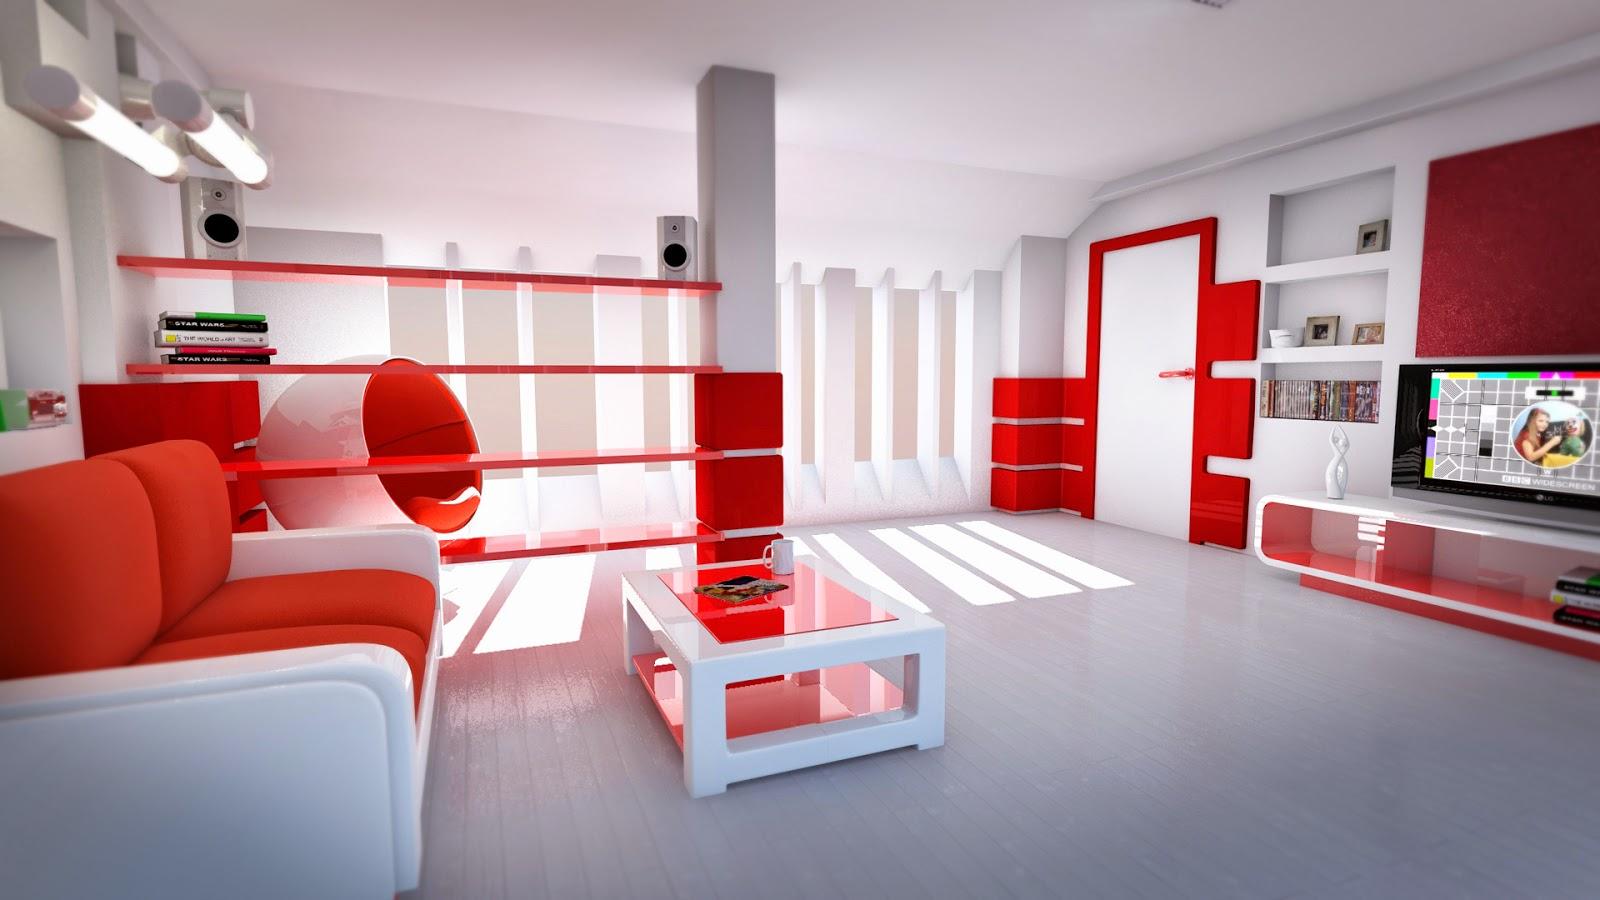 Muebles x muebles decorar la sala en color rojo for Sala de estar rojo y blanco